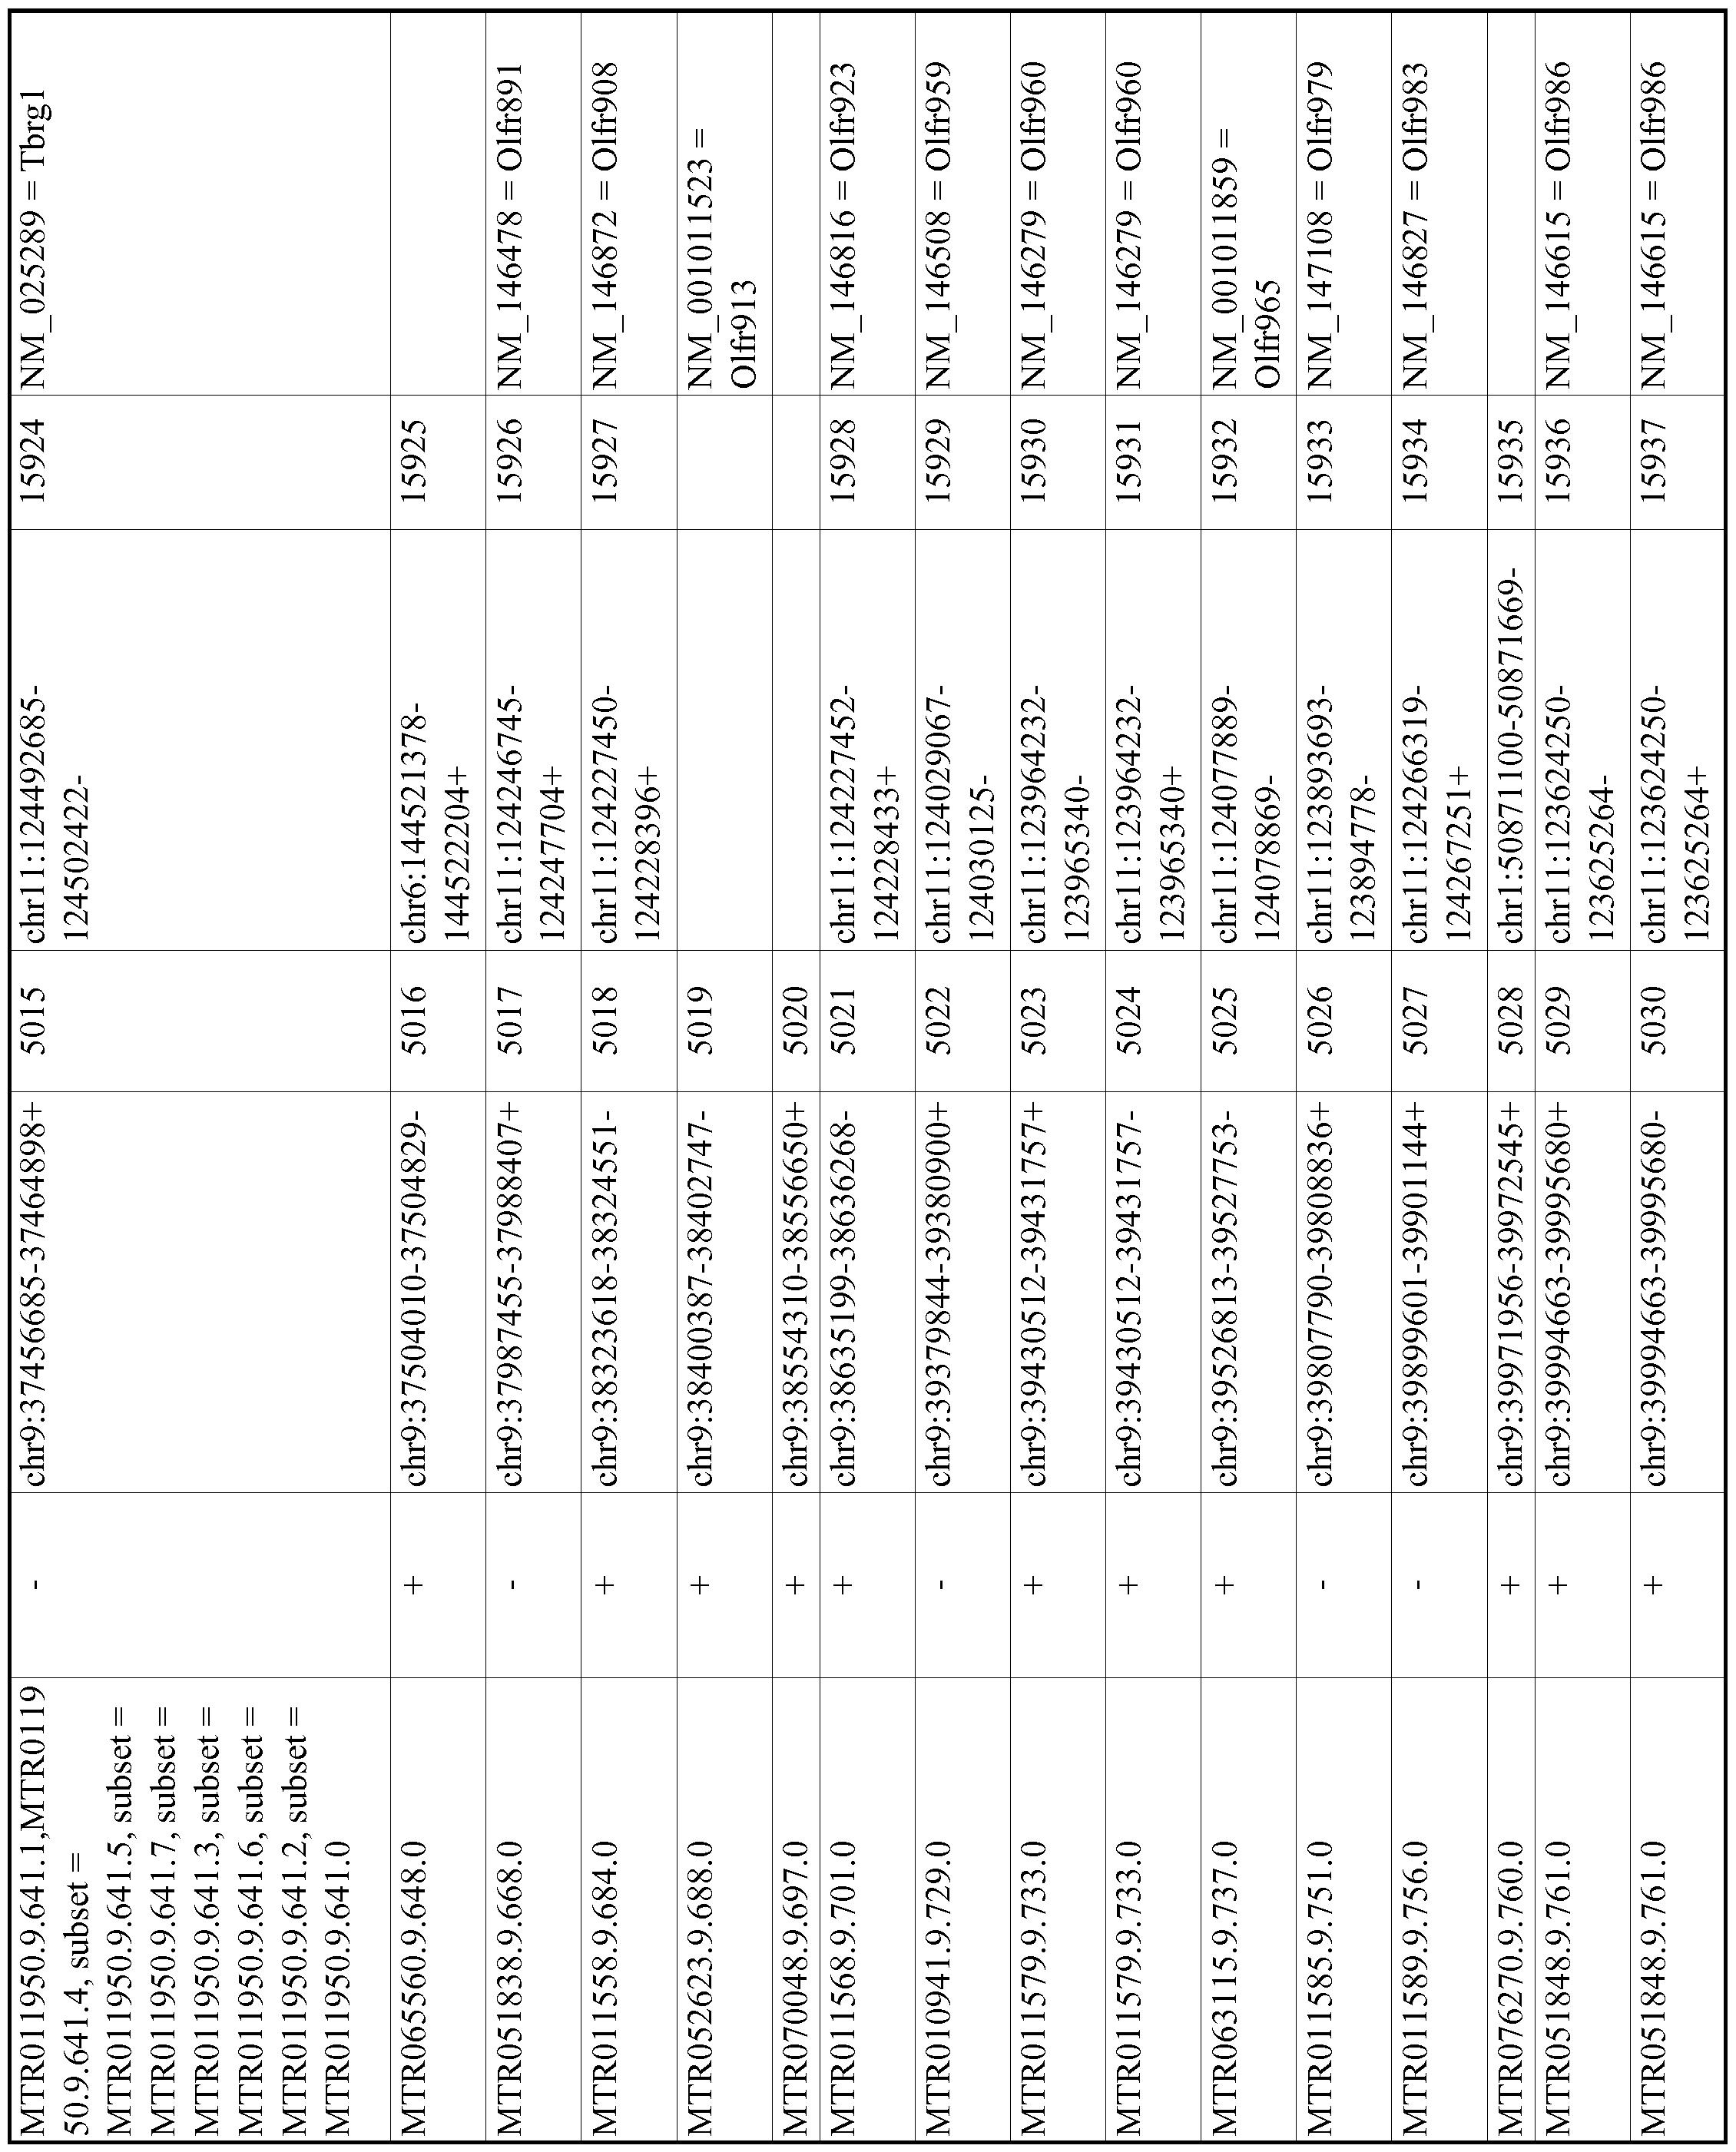 Figure imgf000920_0001